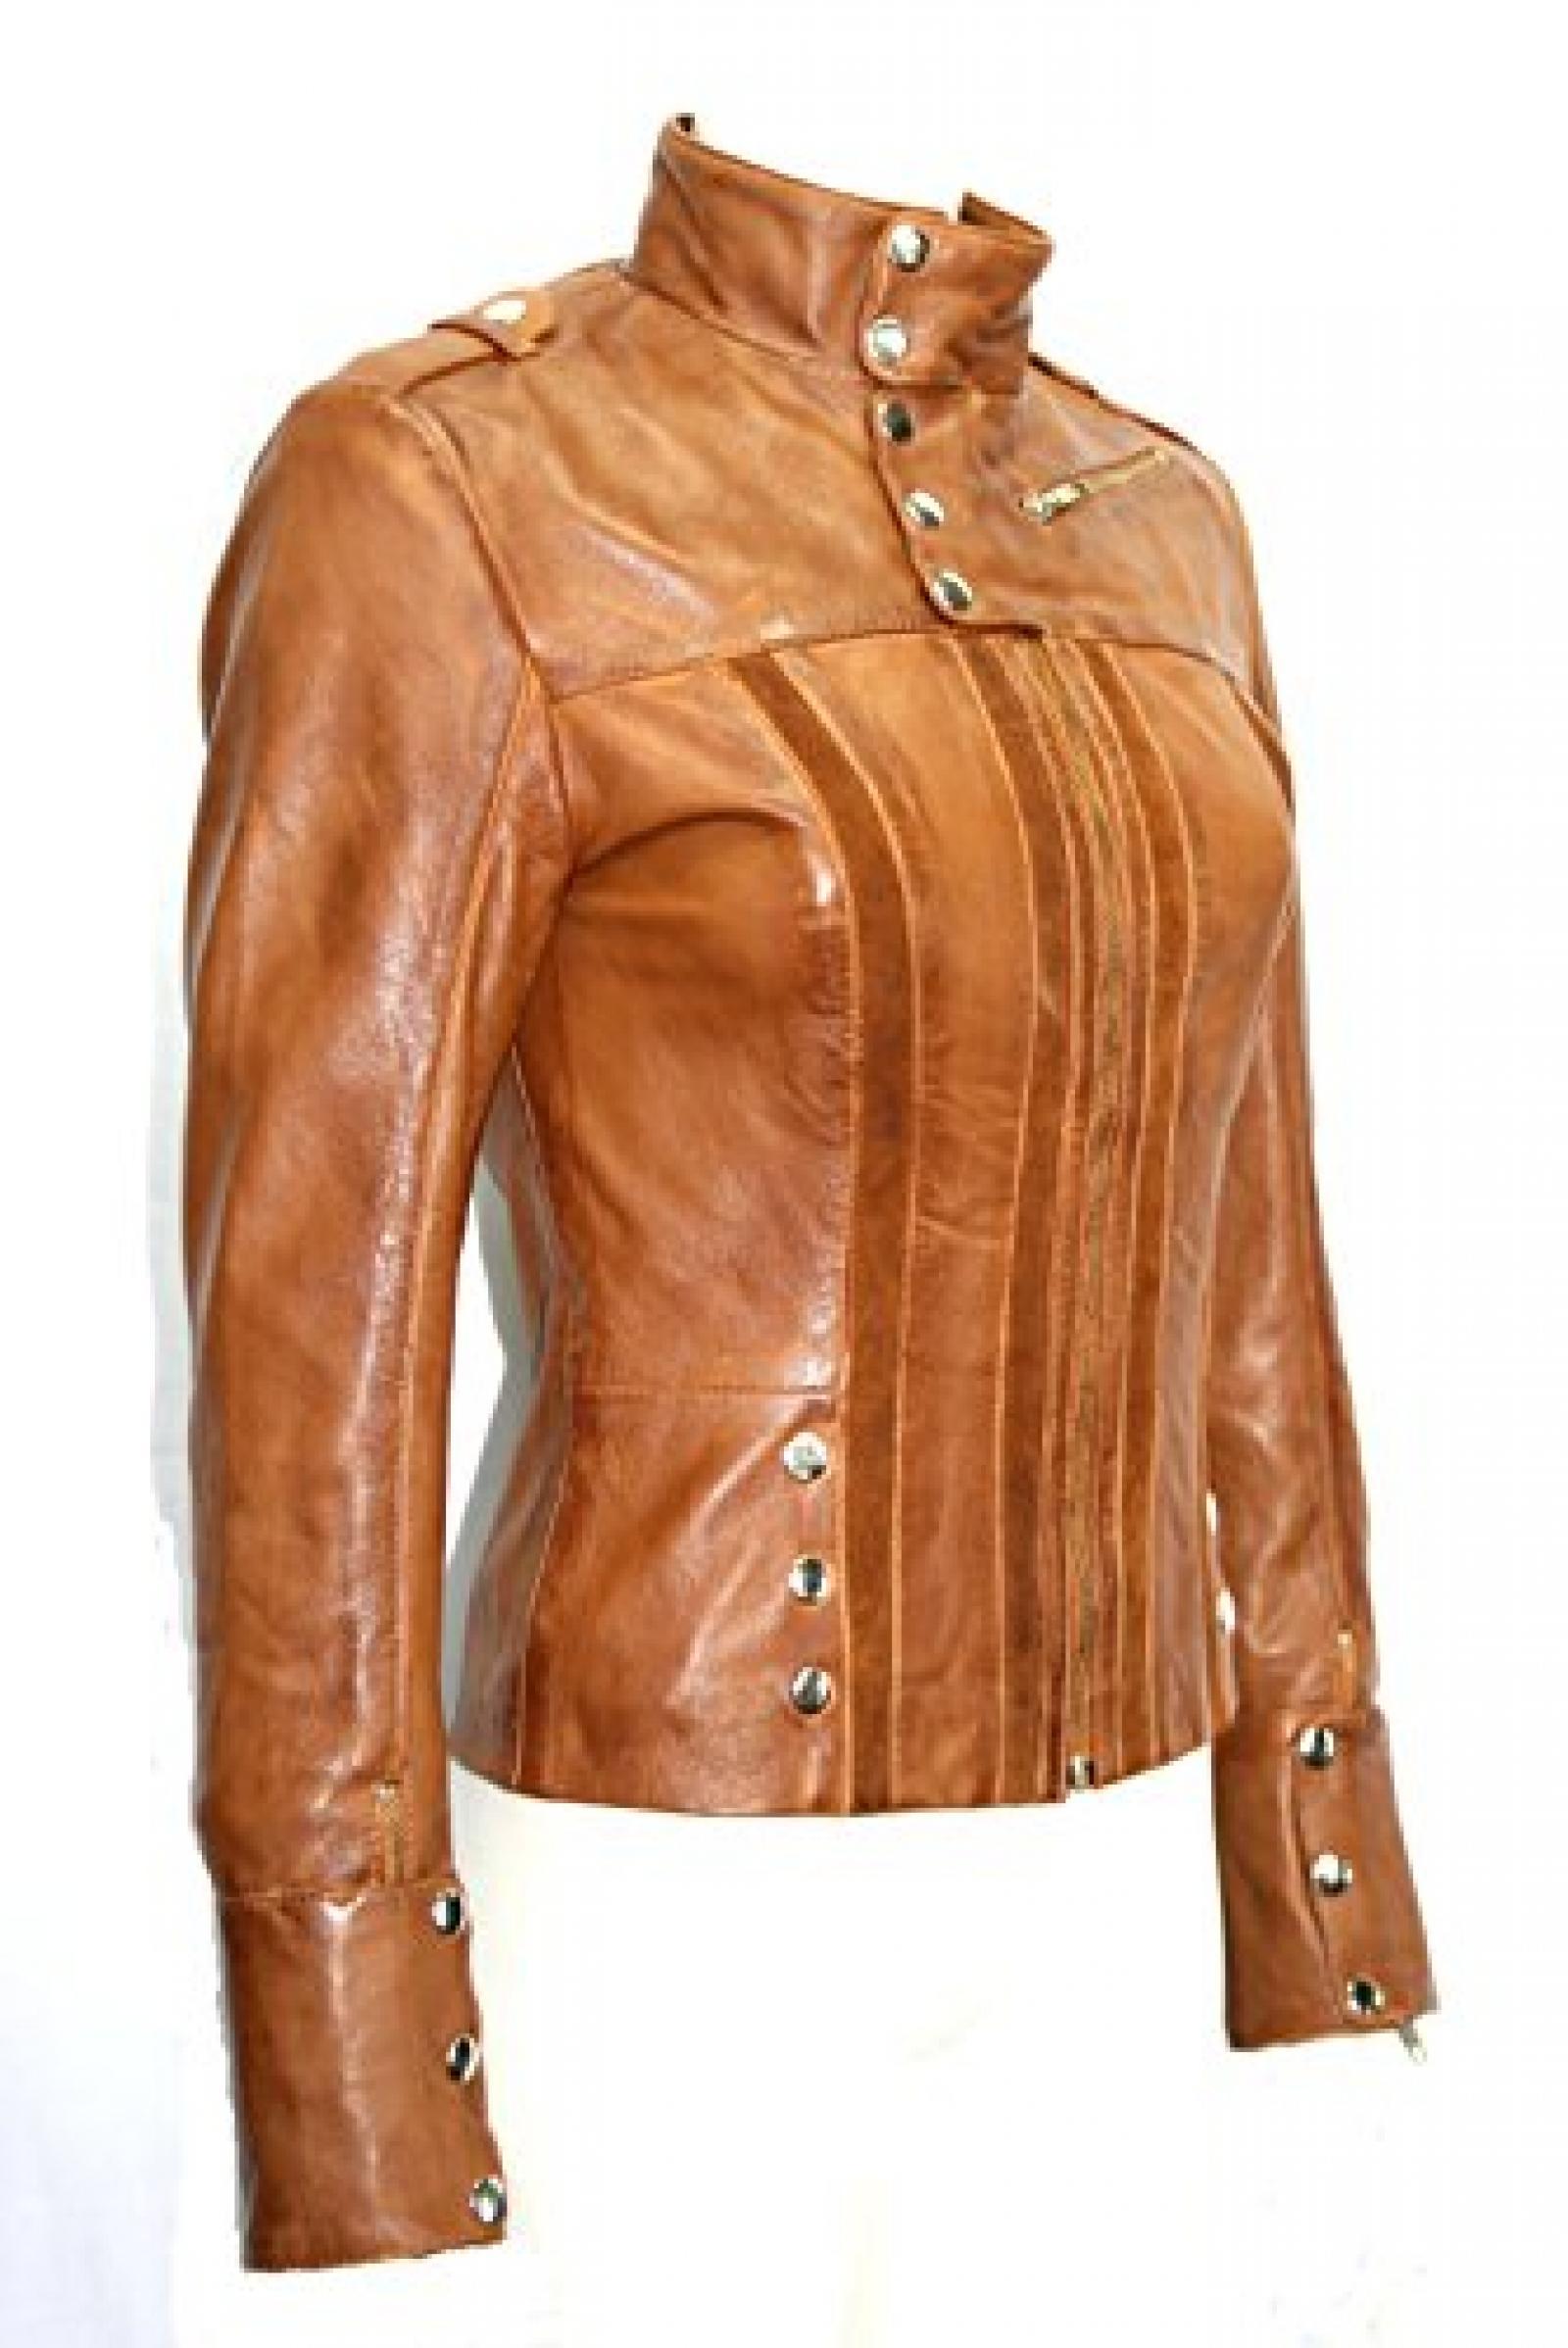 Damen Short Biker Stil Tan ausgestattet Weiche Echtlederjackemit Veloursleder-Streifen